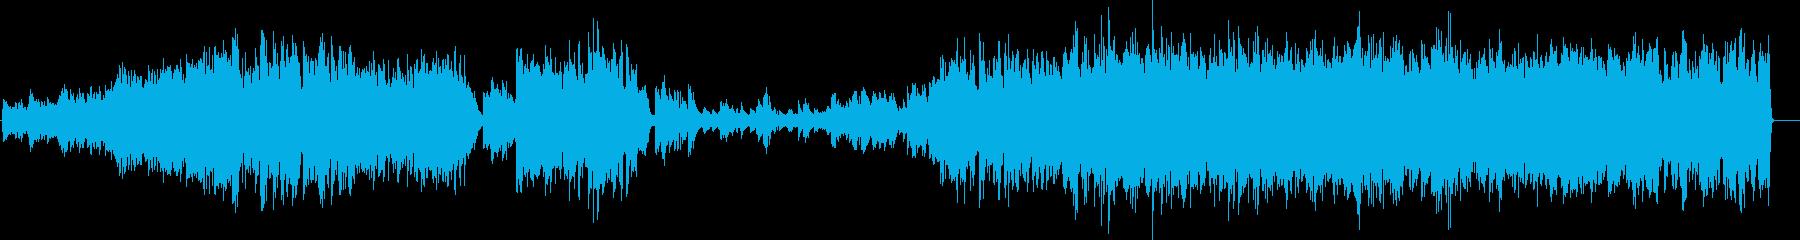 情熱的なピアノトリオ(ジャズ)の再生済みの波形